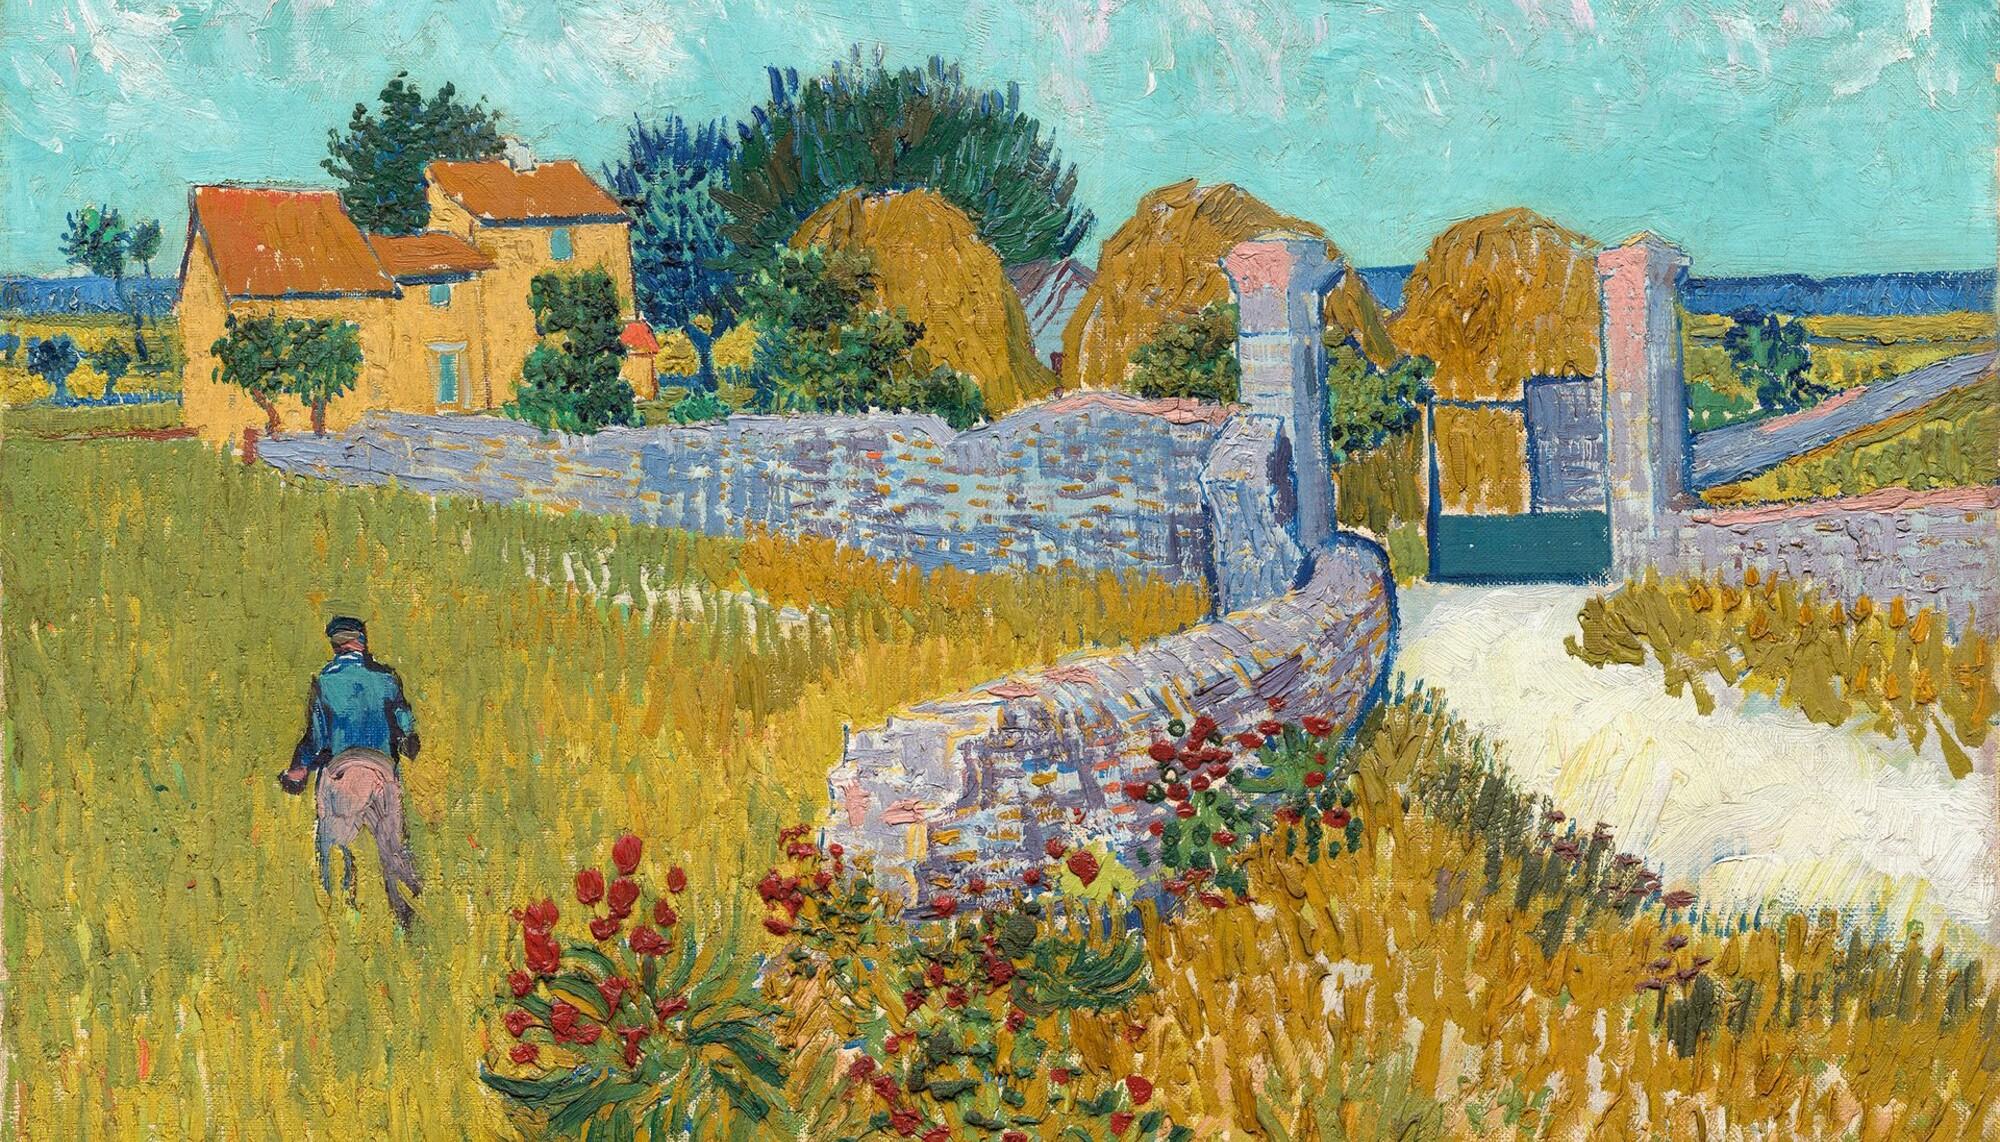 14 λιγότερο γνωστοί πίνακες του Βαν Γκογκ σε υψηλή ανάλυση | LiFO